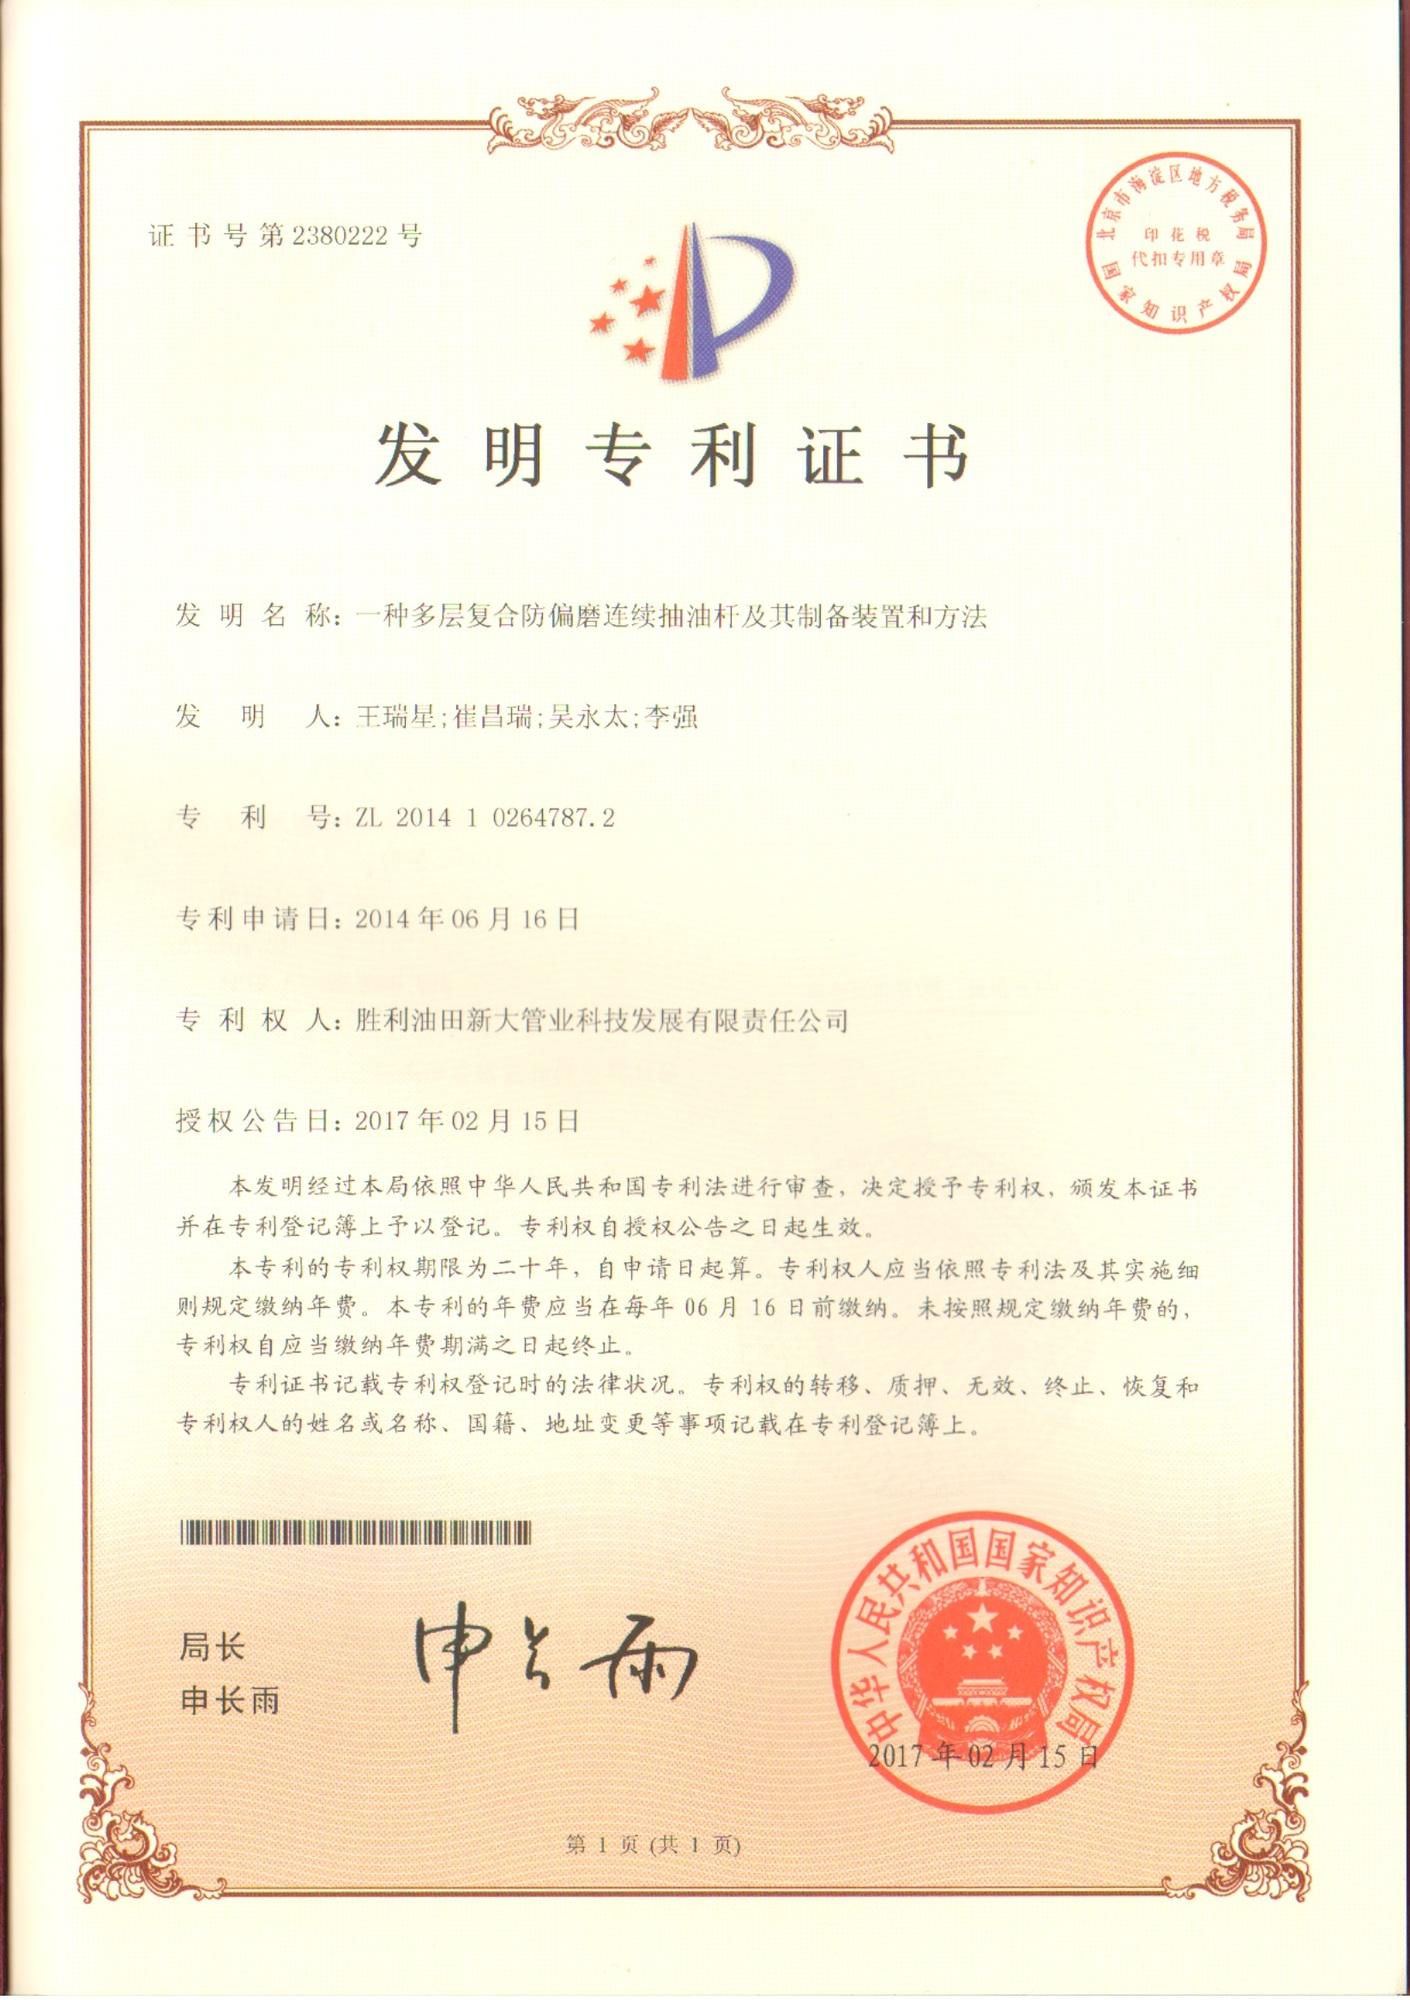 我公司获得一项发明专利证书.jpg